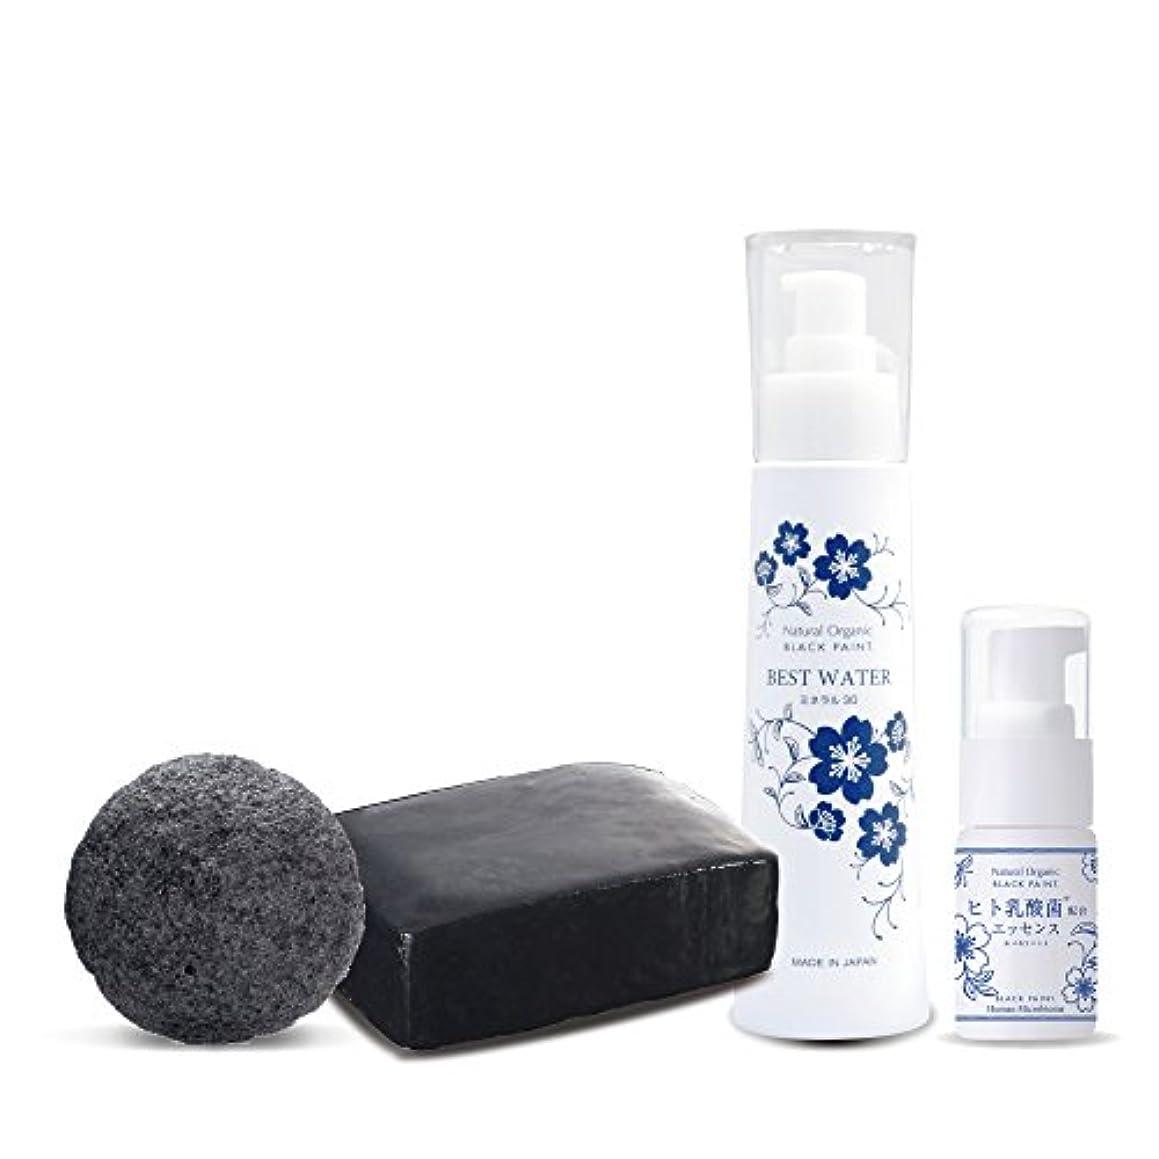 溶けたバブルレスリングヒト乳酸菌エッセンス10ml&ブラックペイント60g&ブラックスポンジミニ&ベストウォーター100ml 洗顔セット